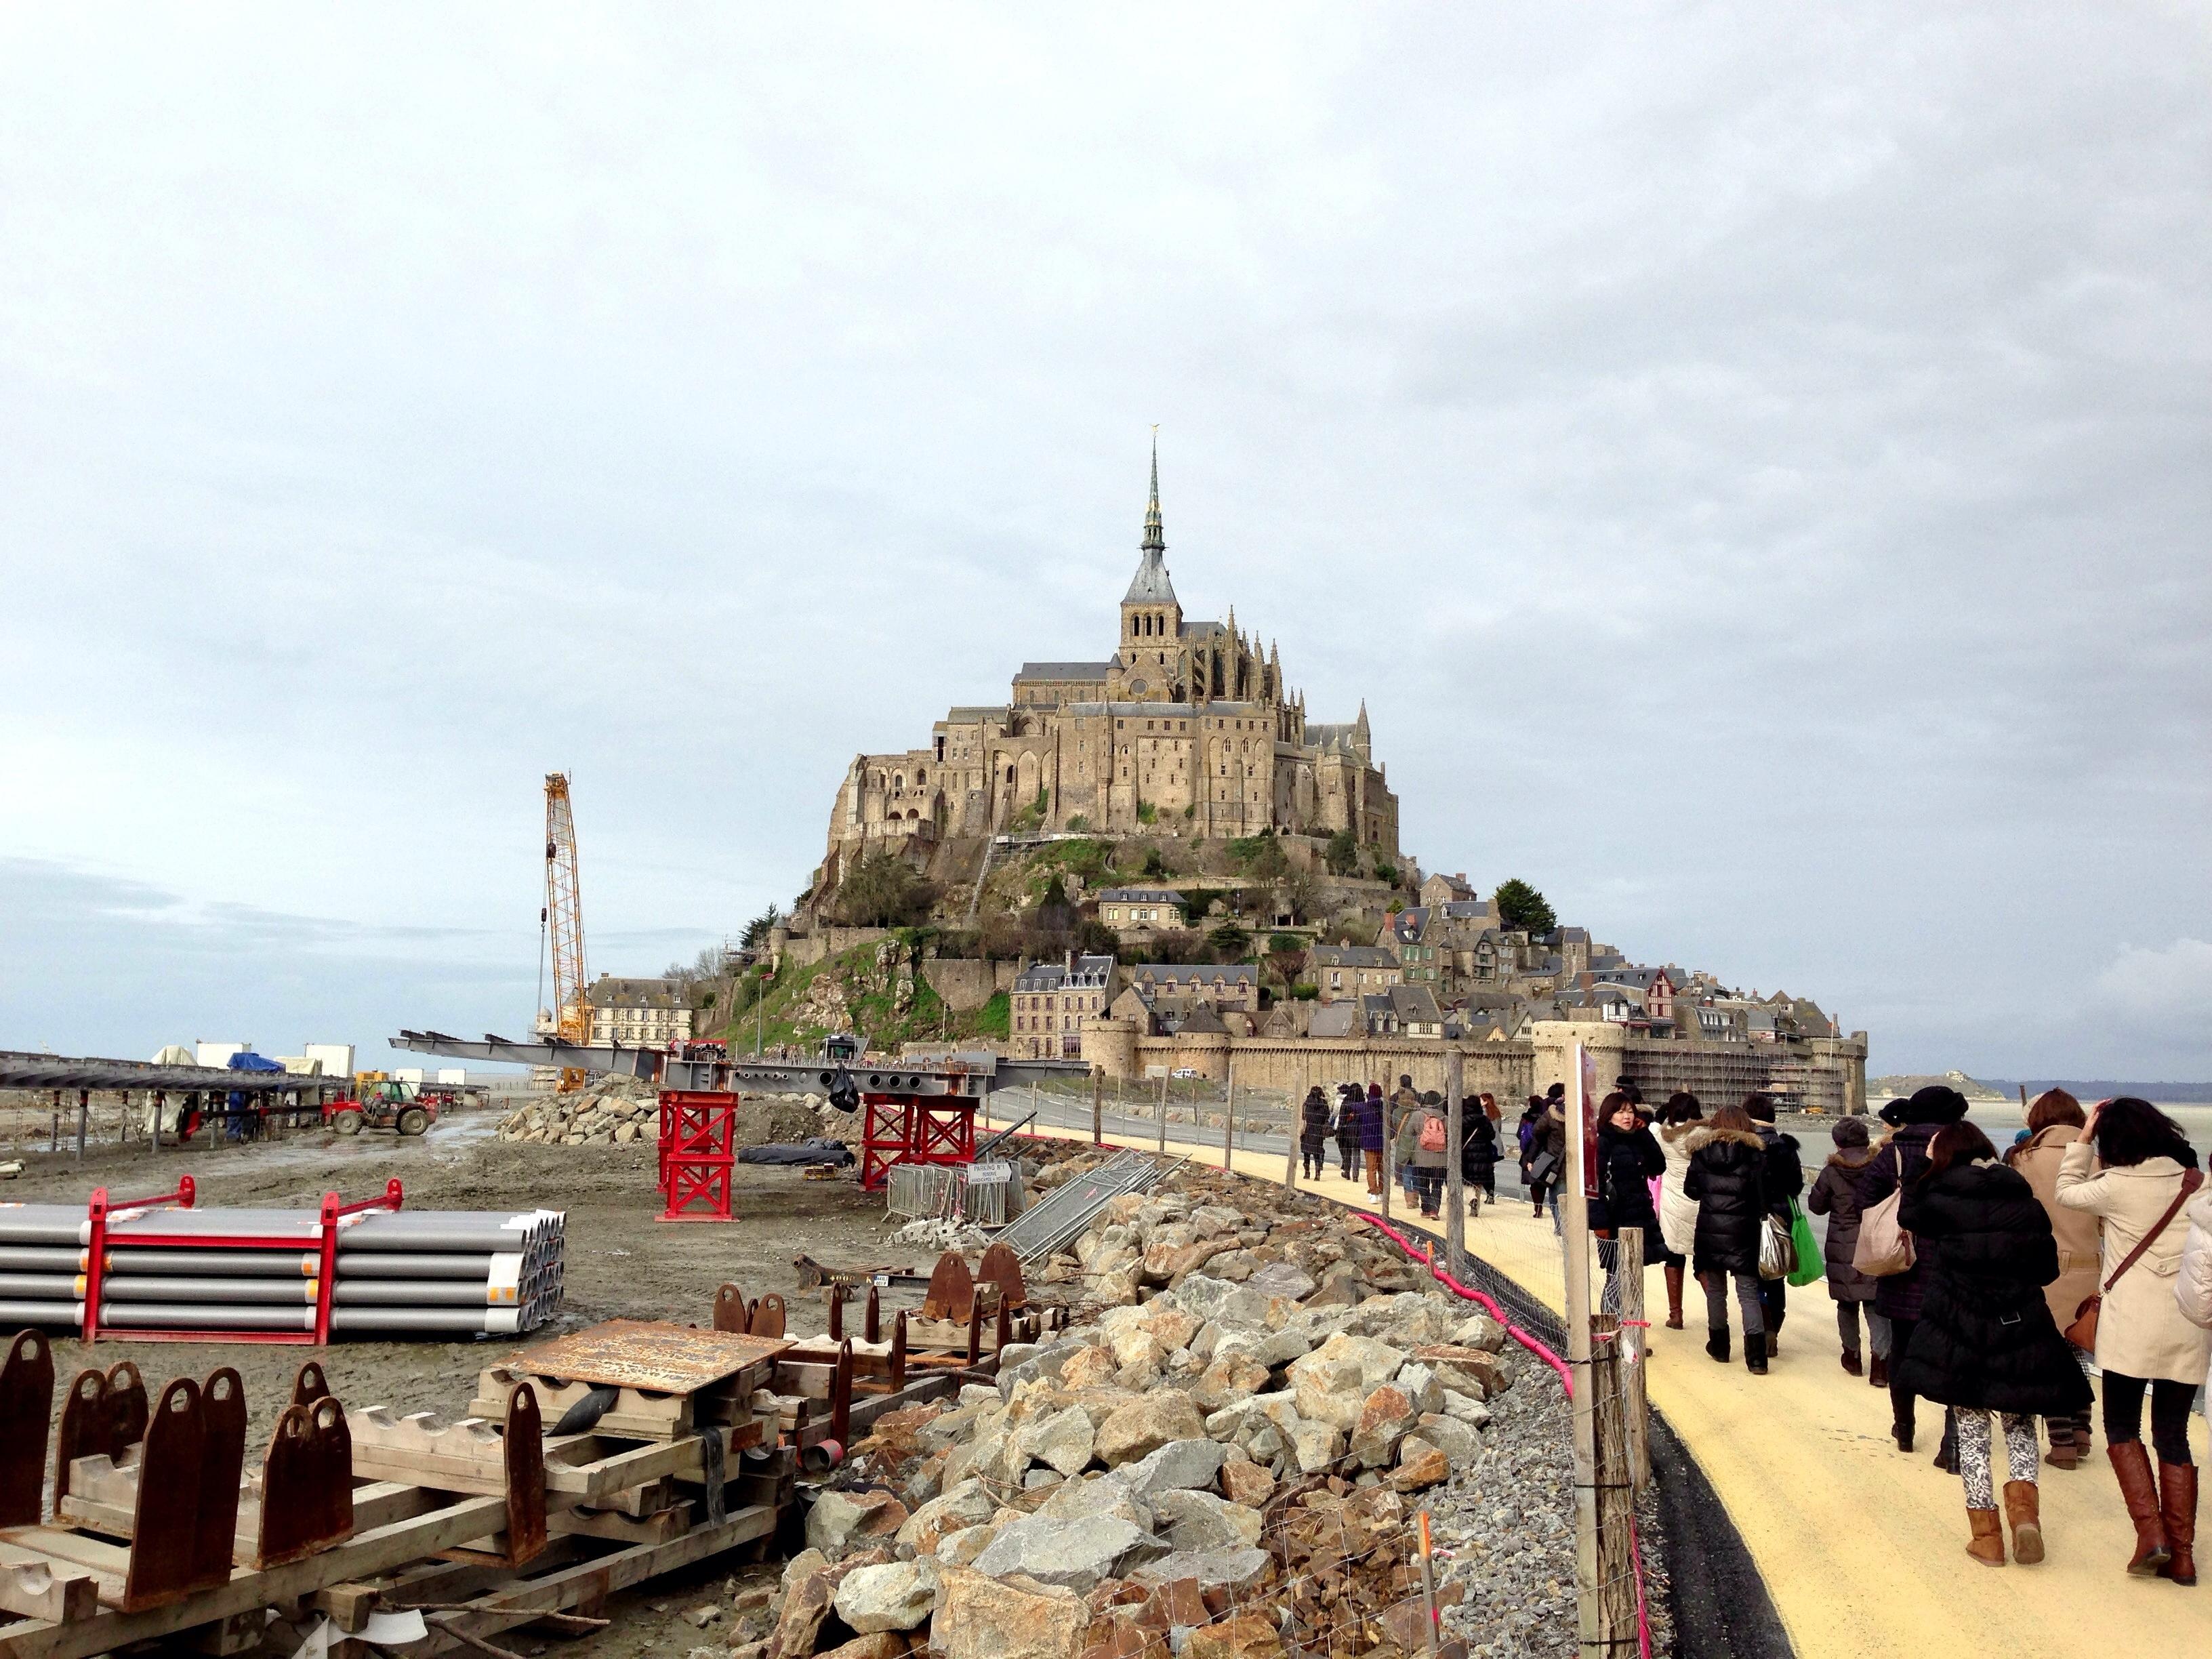 世界遺産のモン・サン=ミシェル(Mont Saint-Michel)は砂の堆積で陸地化が進み、島ではなくなっていた!